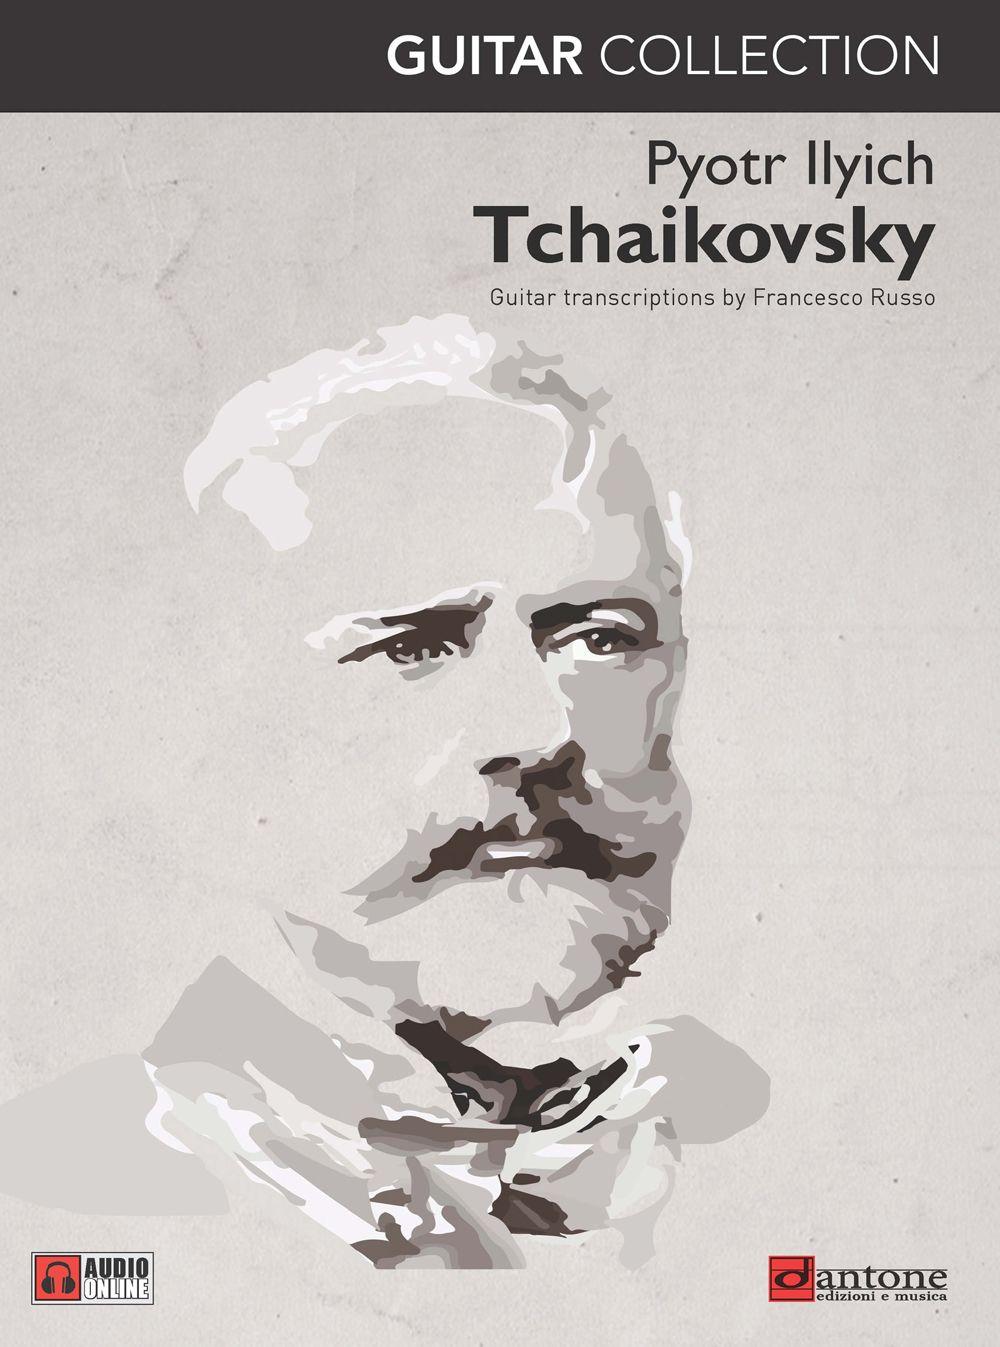 Pyotr Ilyich Tchaikovsky: Pyotr Ilyich Tchaikovsky - Guitar Collection: Guitar